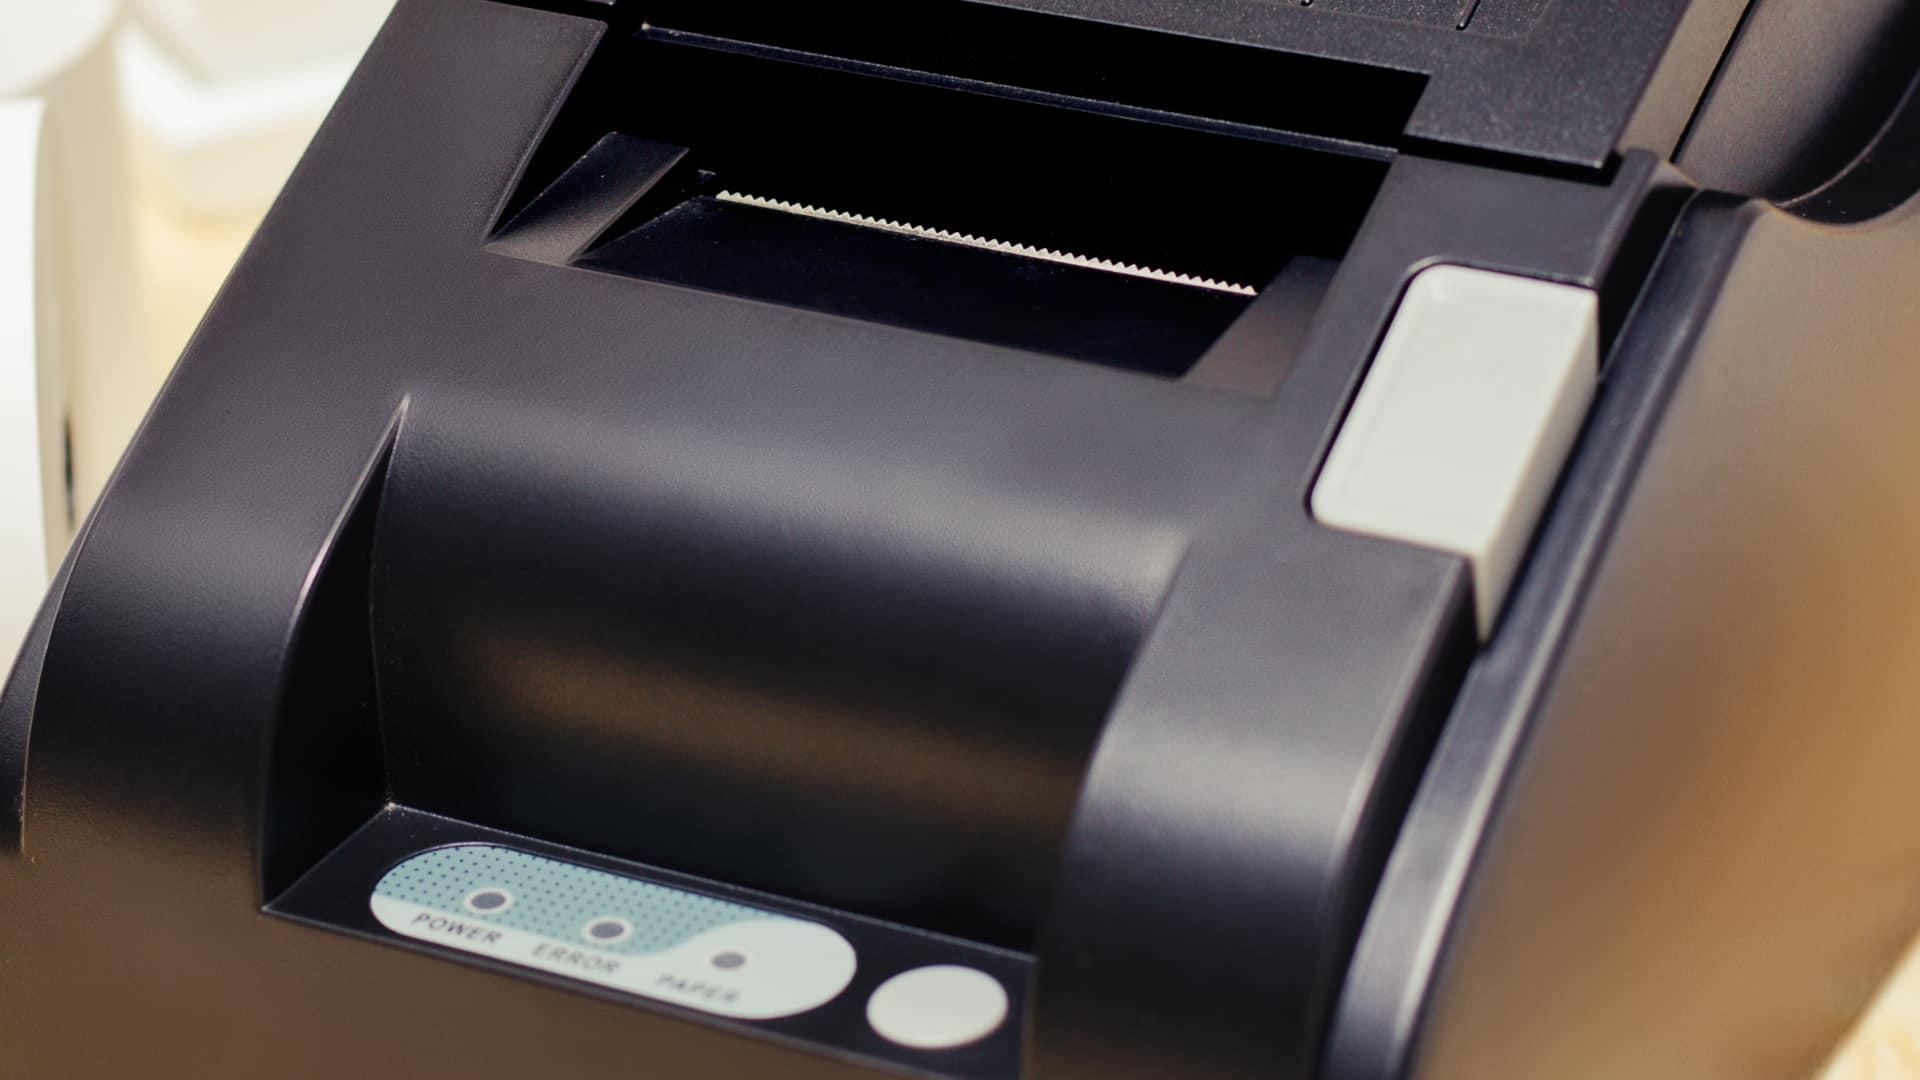 Impresora de etiquetas: ¿Cuál es la mejor del 2020?